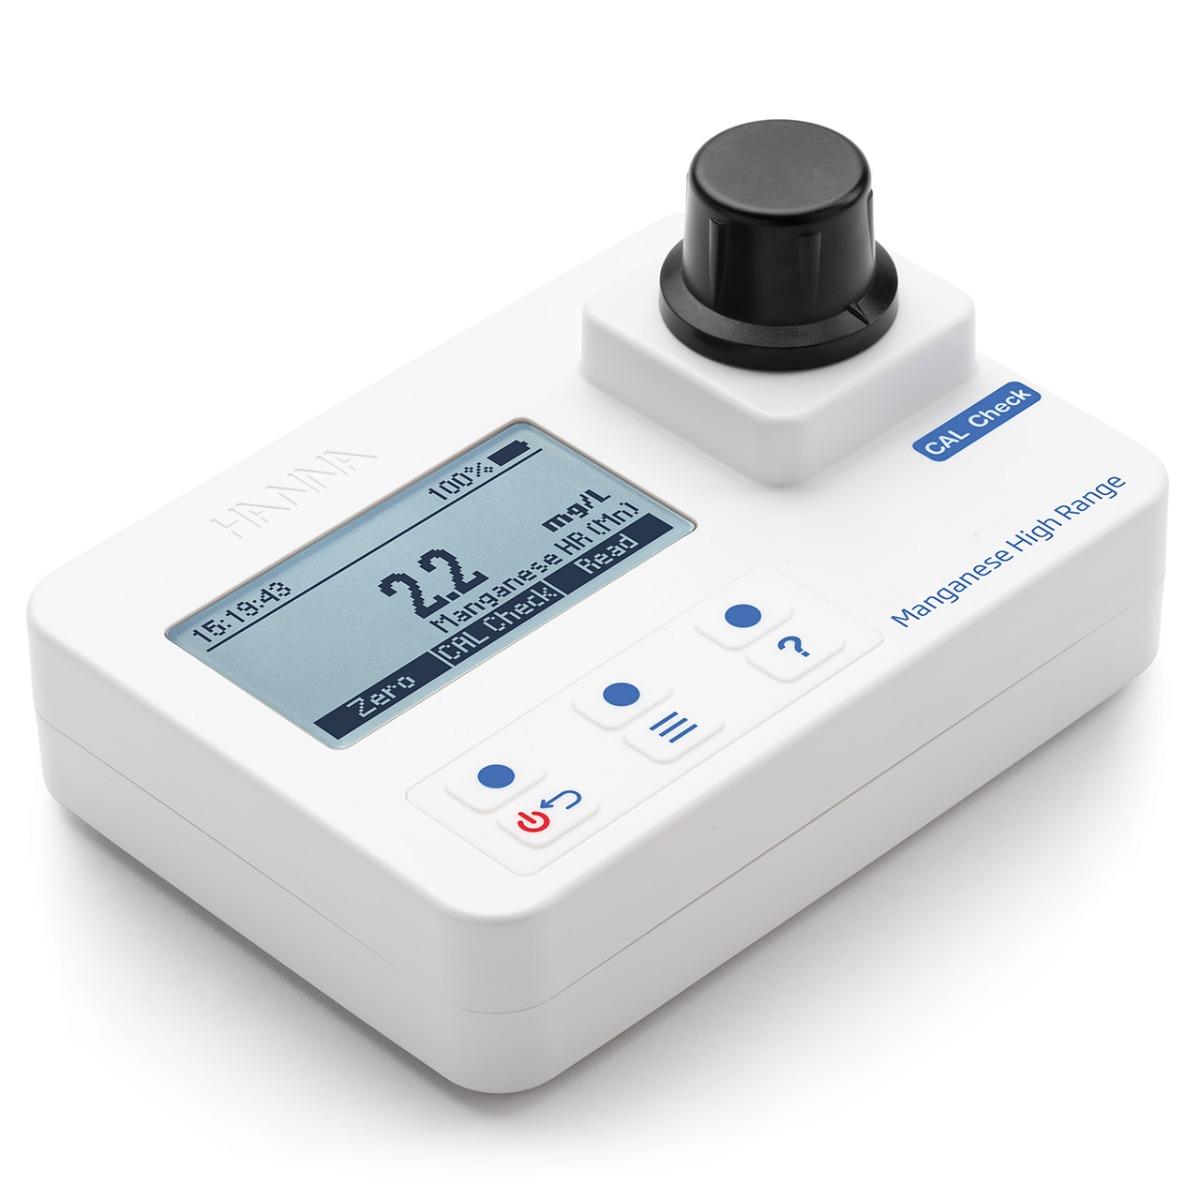 HI97709 Manganese High-Range Portable Photometer with CAL Check